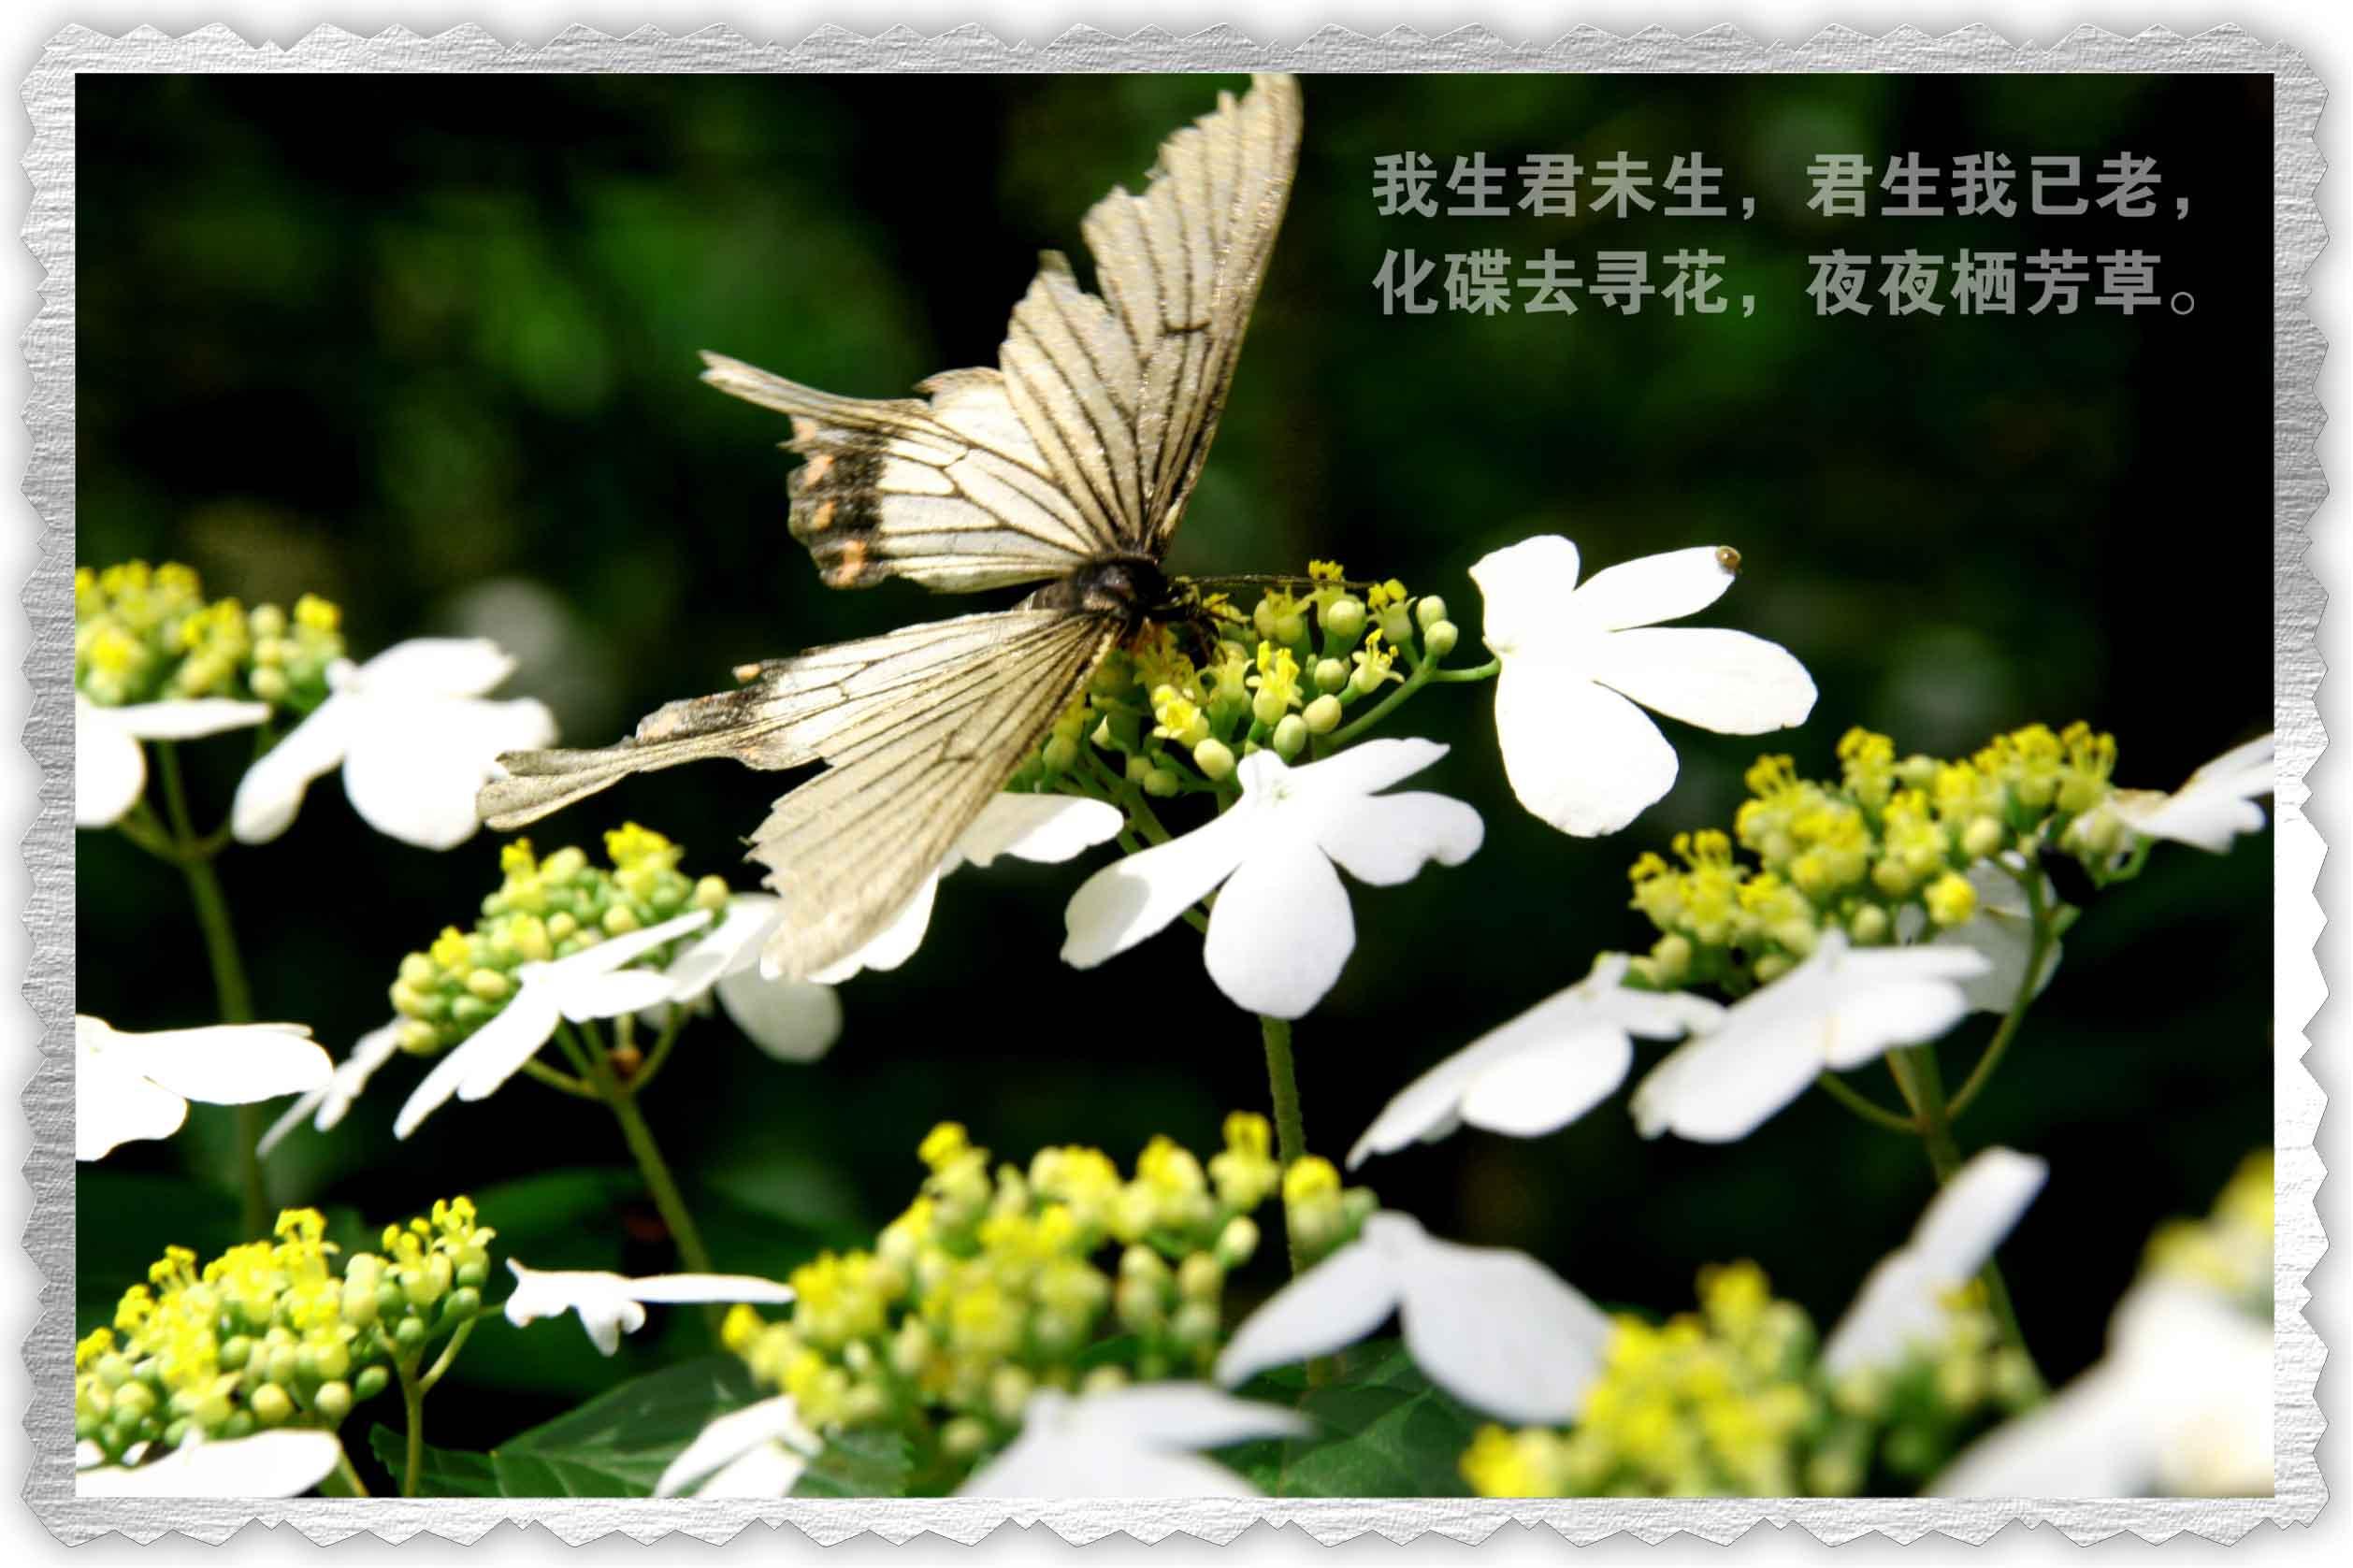 【清韵】每一块开花的石头都刻满故事(外三首)